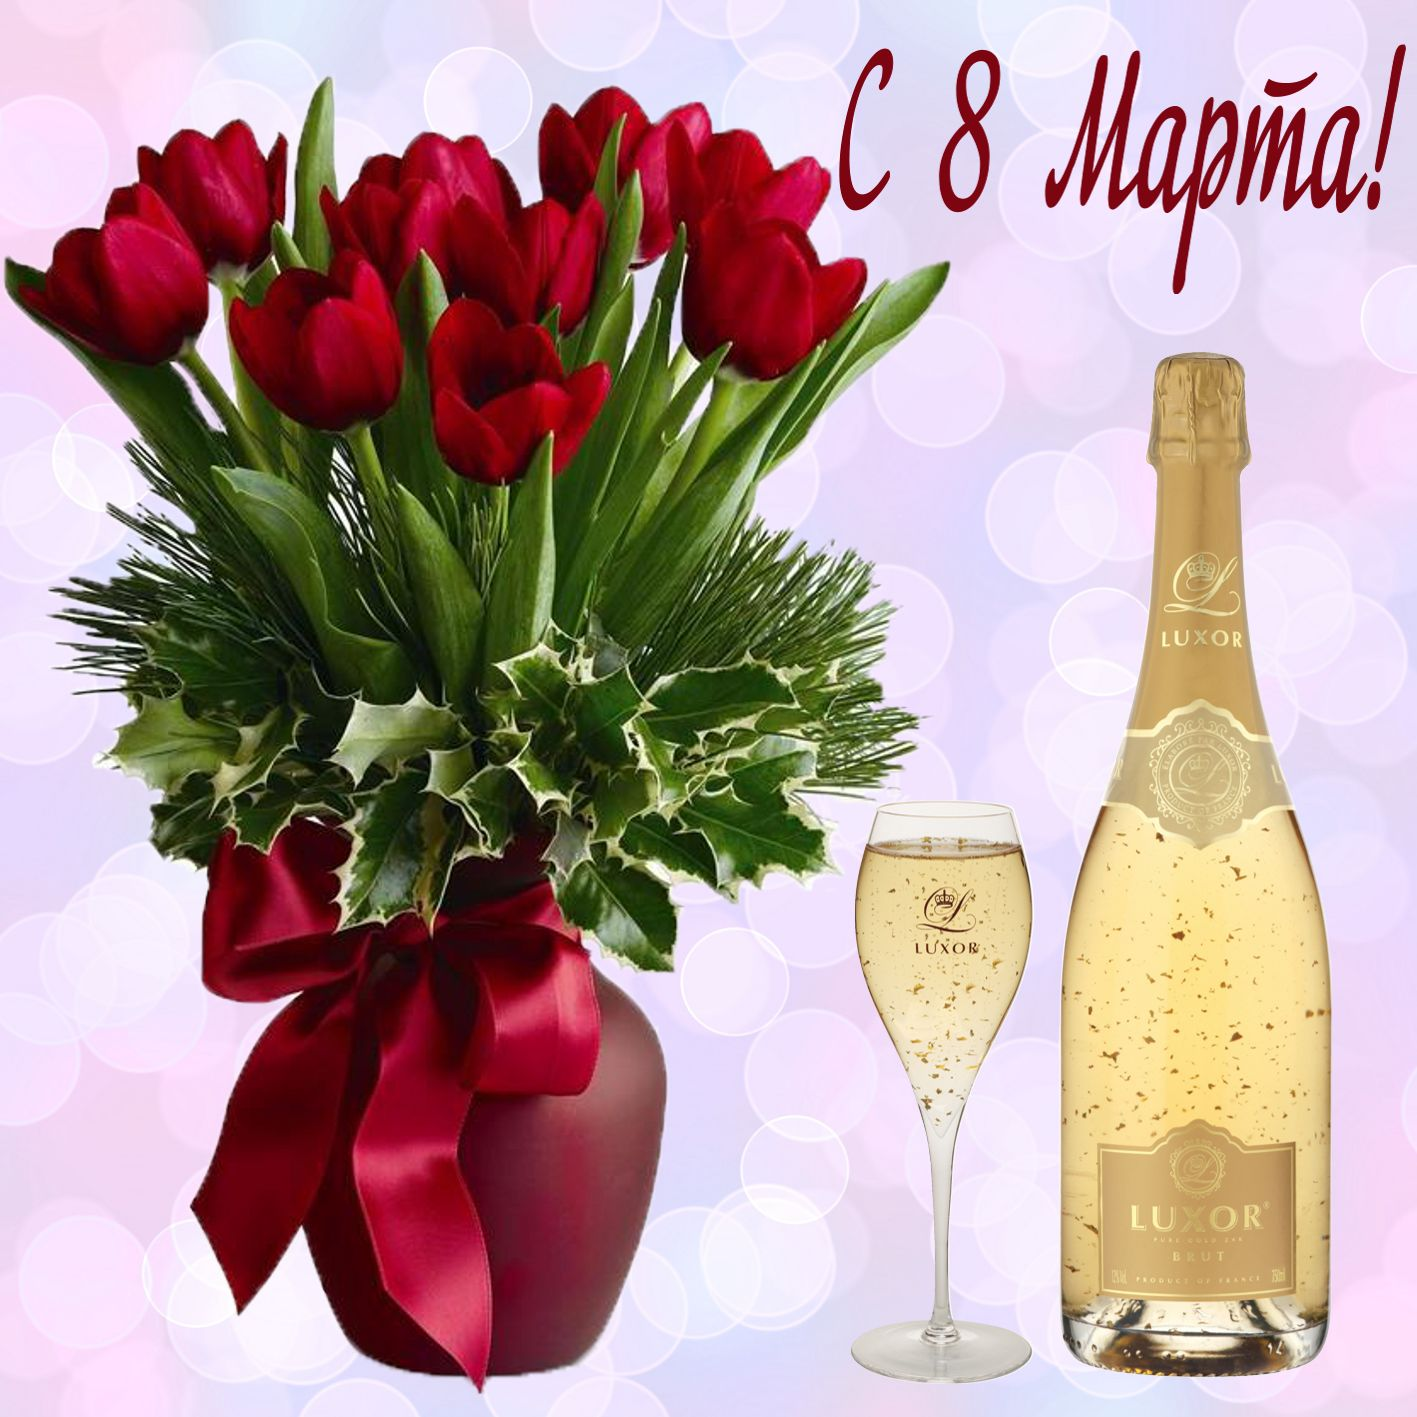 Открытка с 8 марта - букет тюльпанов в вазе и шампанское